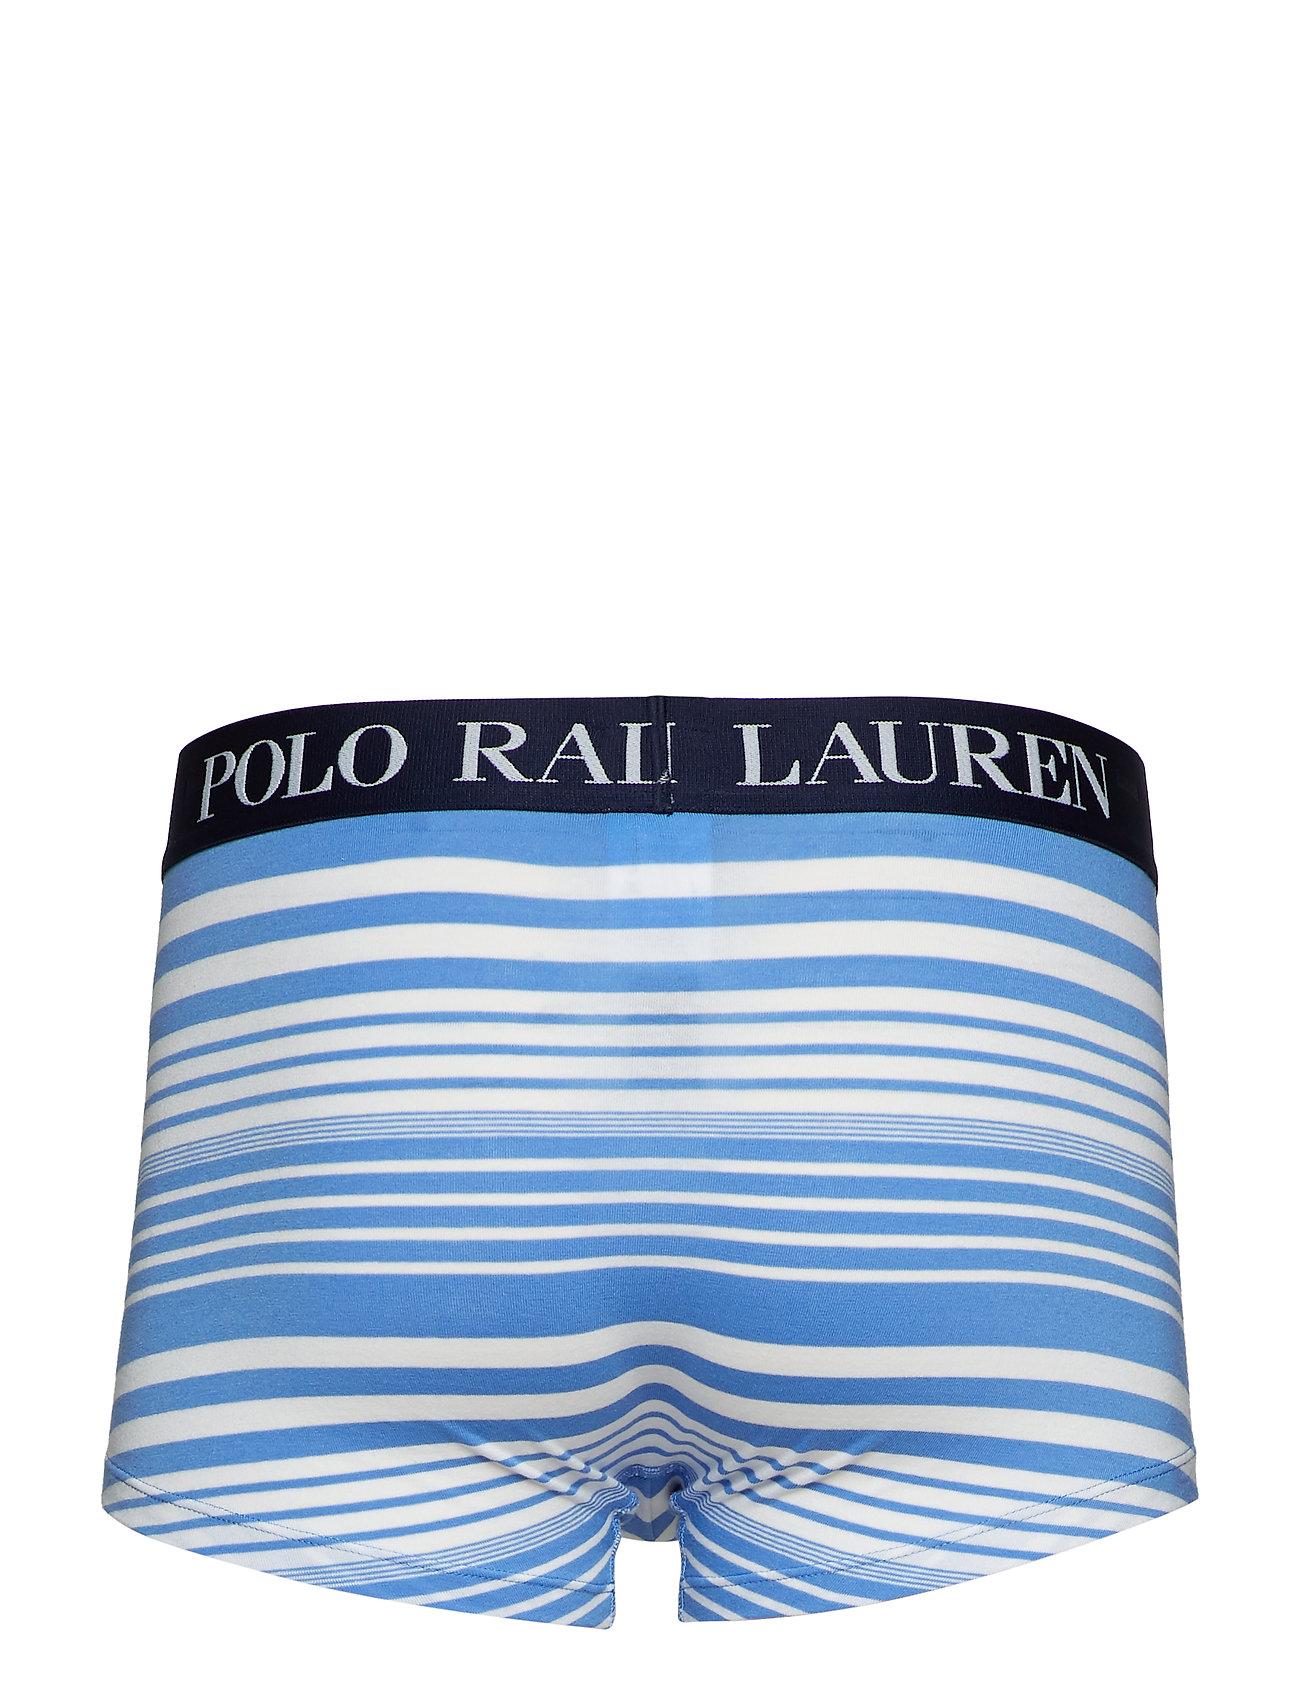 Ralph elastane StrpPolo Cotton trnharbour Underwear 1pk Blue Lauren 8N0XnOwPk